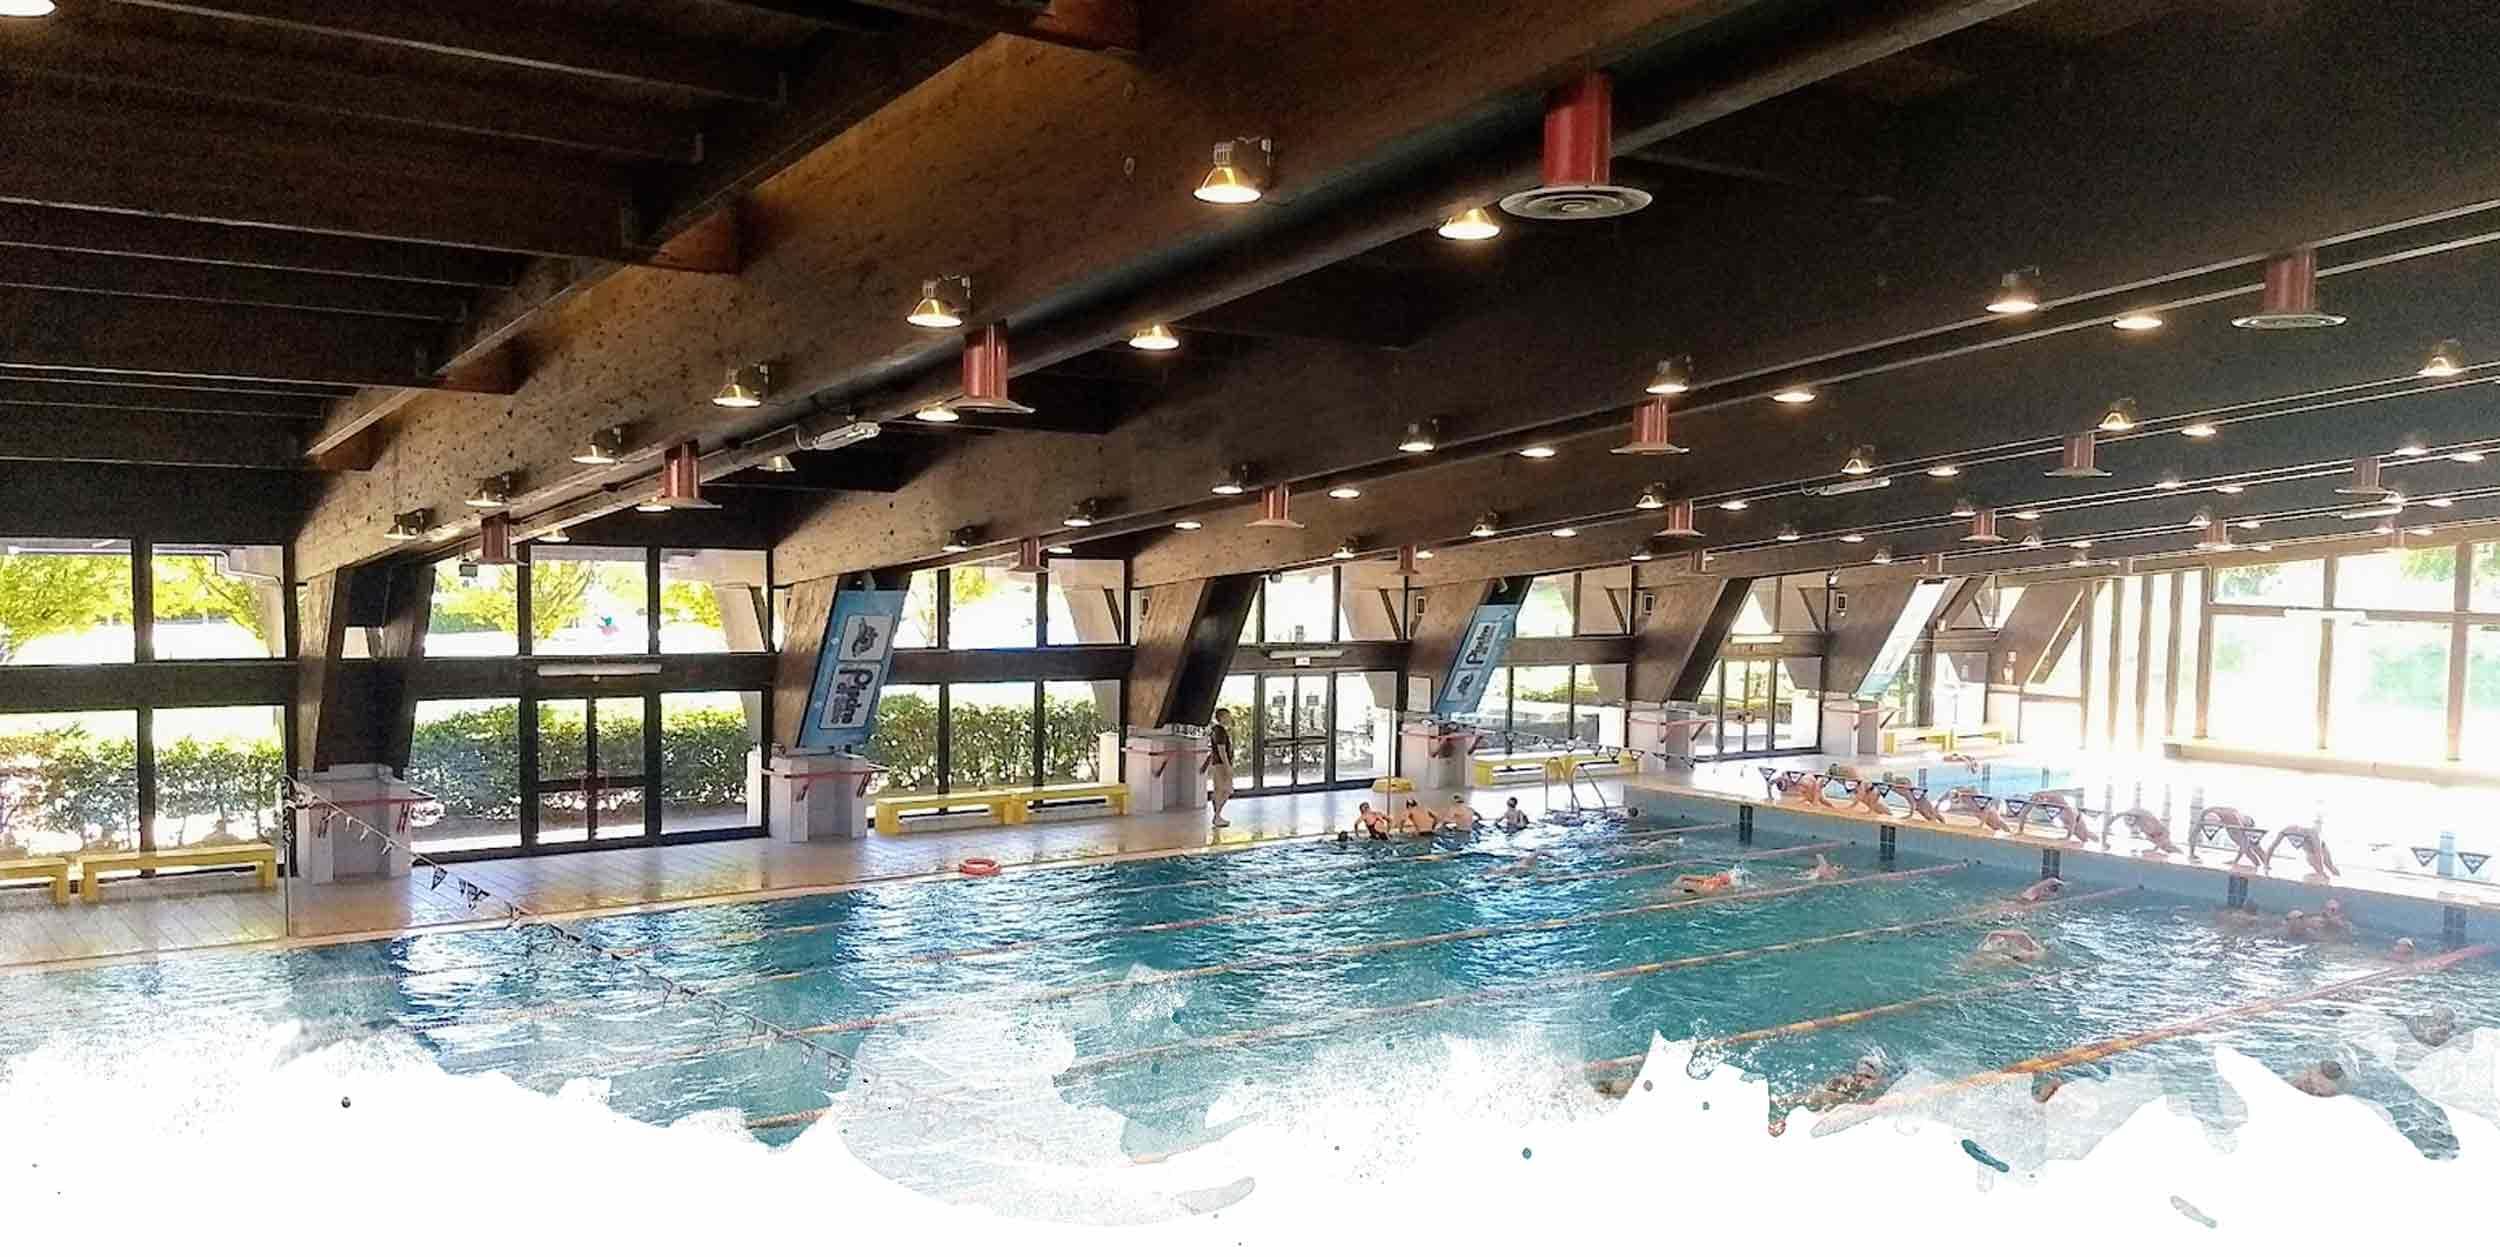 Piscine di Schio  Nuoto AcquaFitness Palestra e Piscina